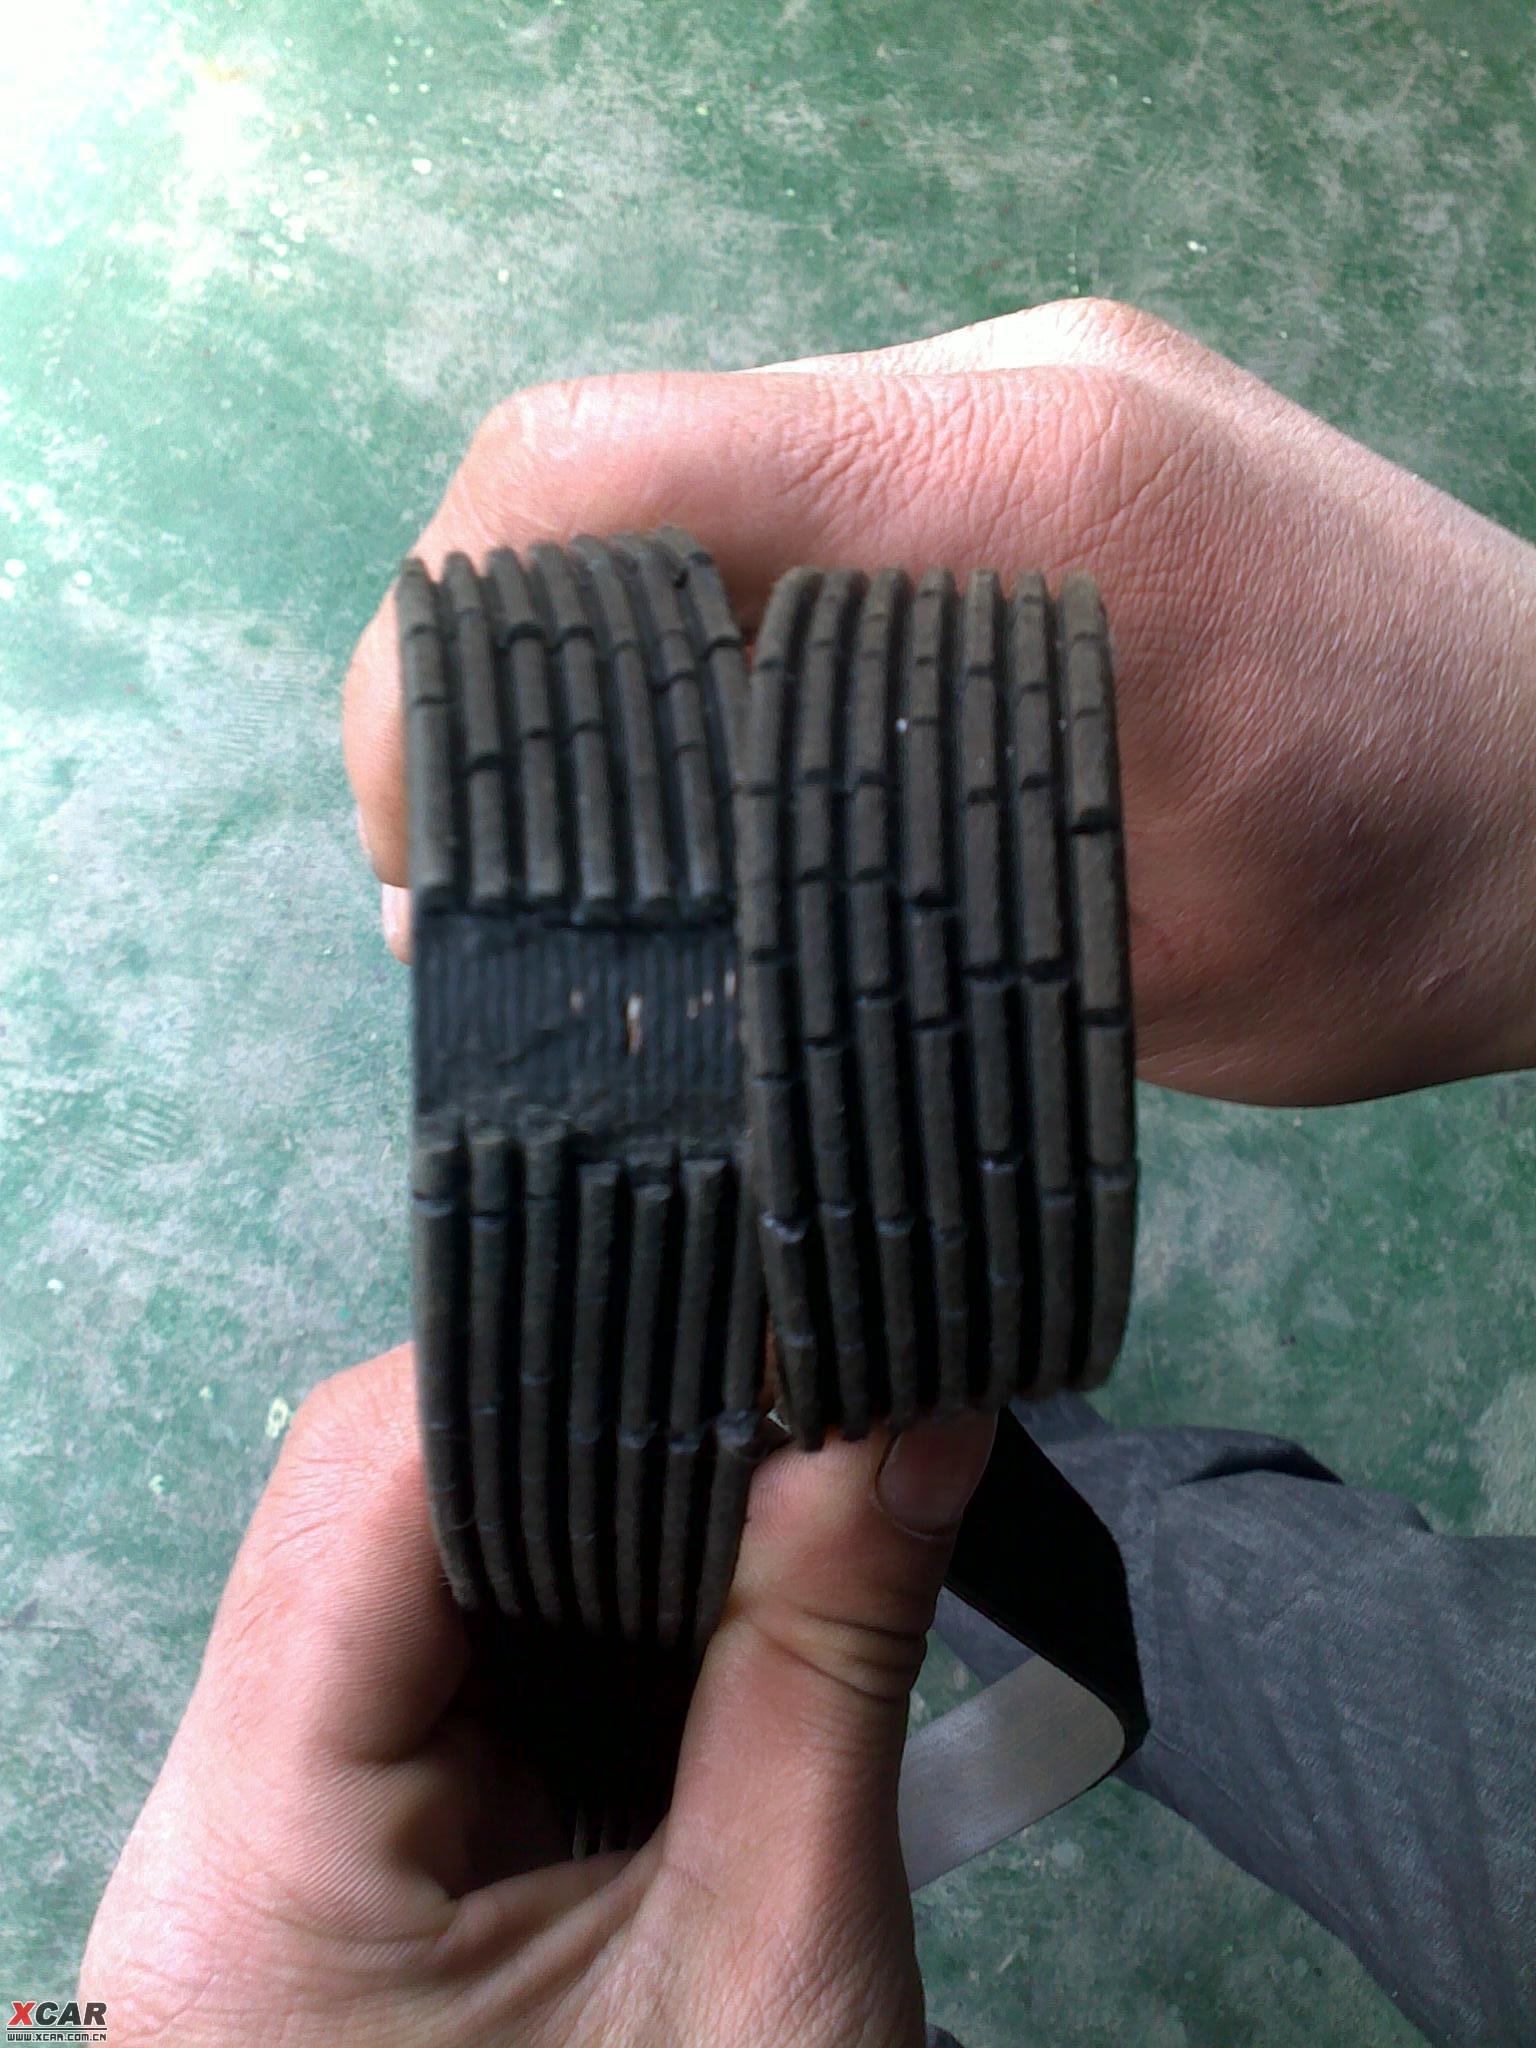 发电机皮带毁损,再次更换纯正原厂发电机皮带 2009年7月19高清图片